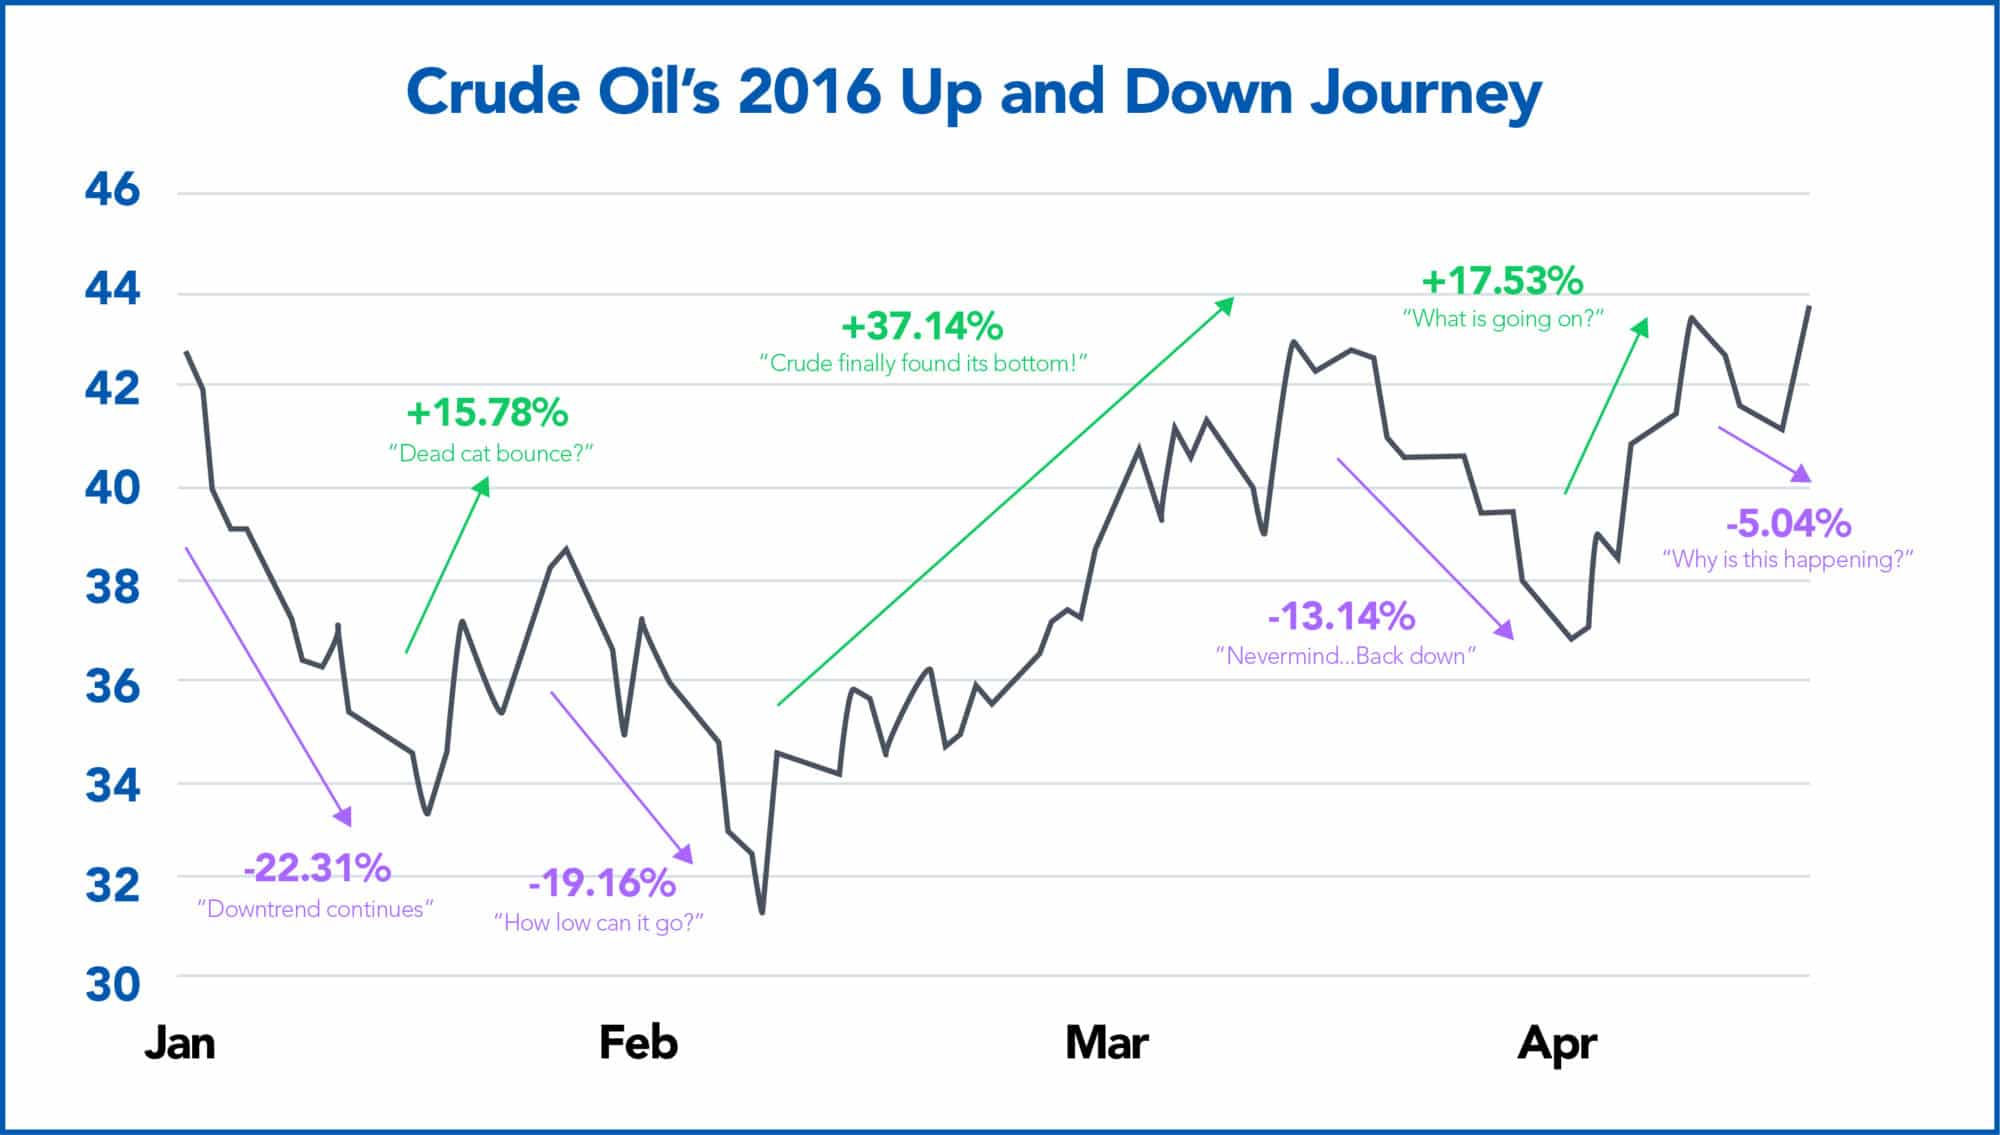 Crude Oil 2016 Volatility